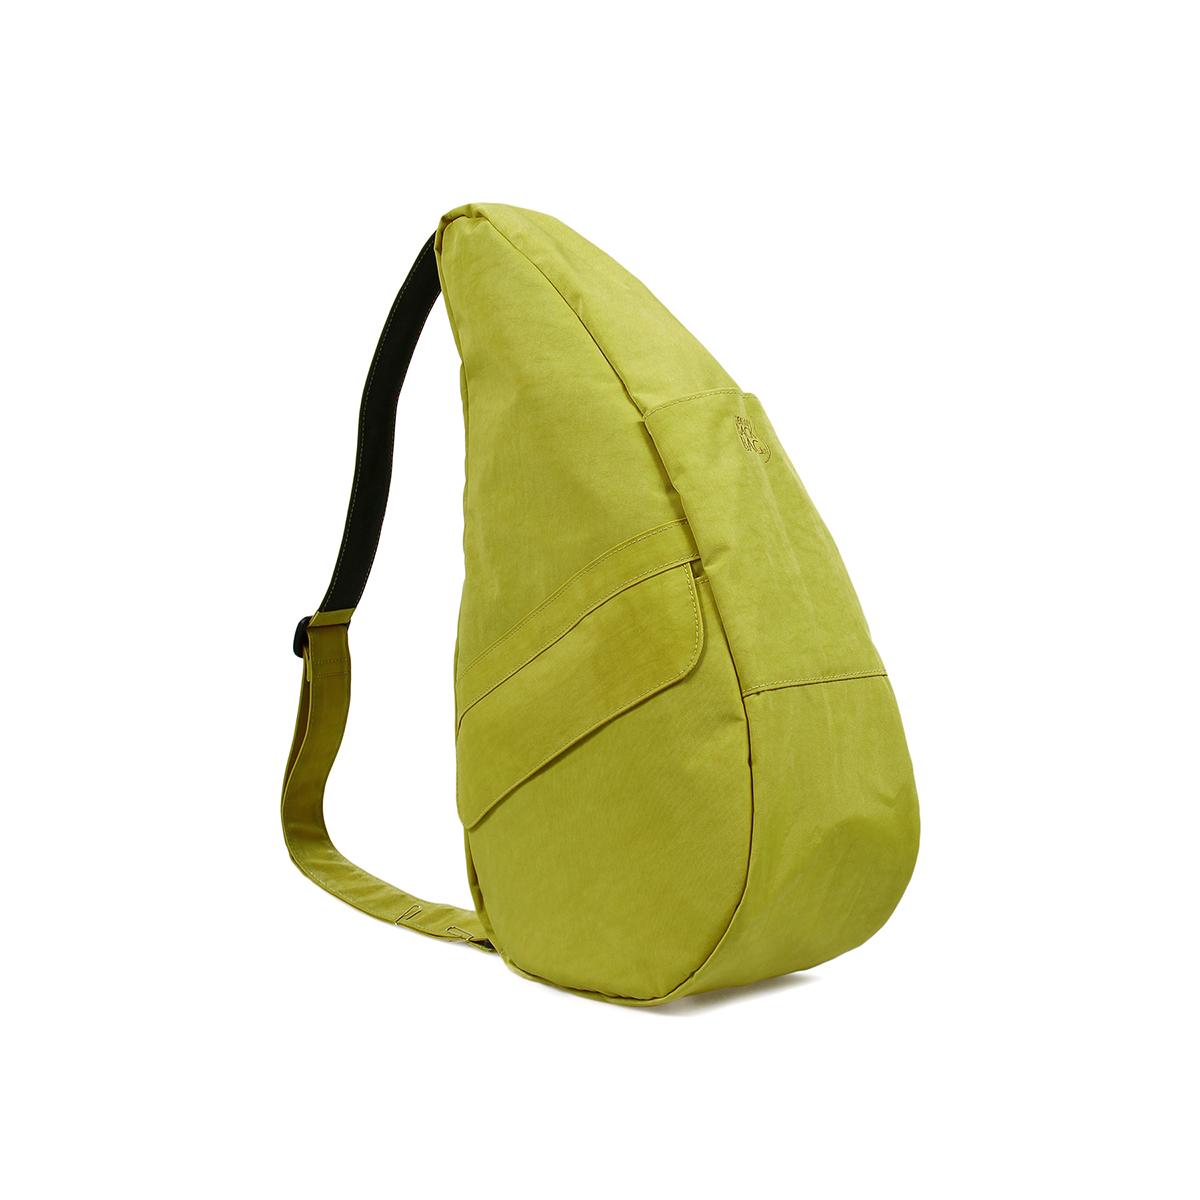 Healthy Back Bag/ヘルシーバックバッグ/ショルダーバッグ/ボディバッグ/旅行バッグ/軽量/レディース/メンズ 《限定ポーチ付》 公式ストア ヘルシーバックバッグ テクスチャードナイロン Mサイズ ピスタチオ